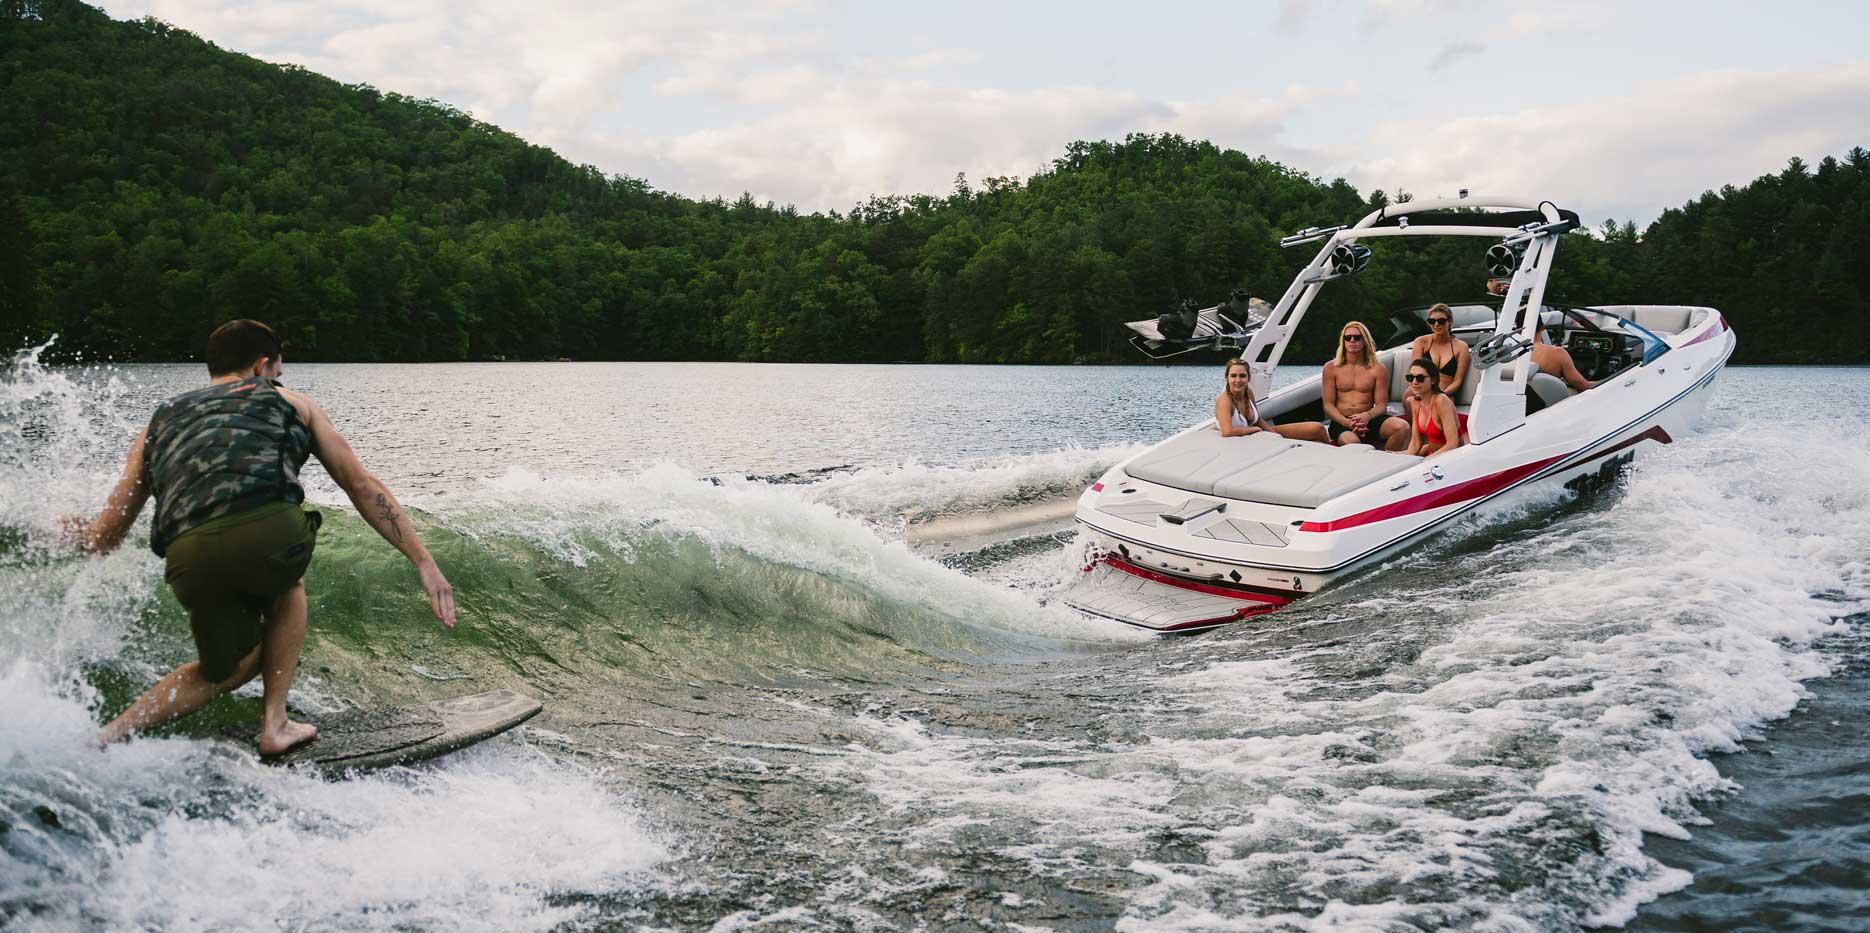 Malibu Boats 21 VLX Wakesurf boat